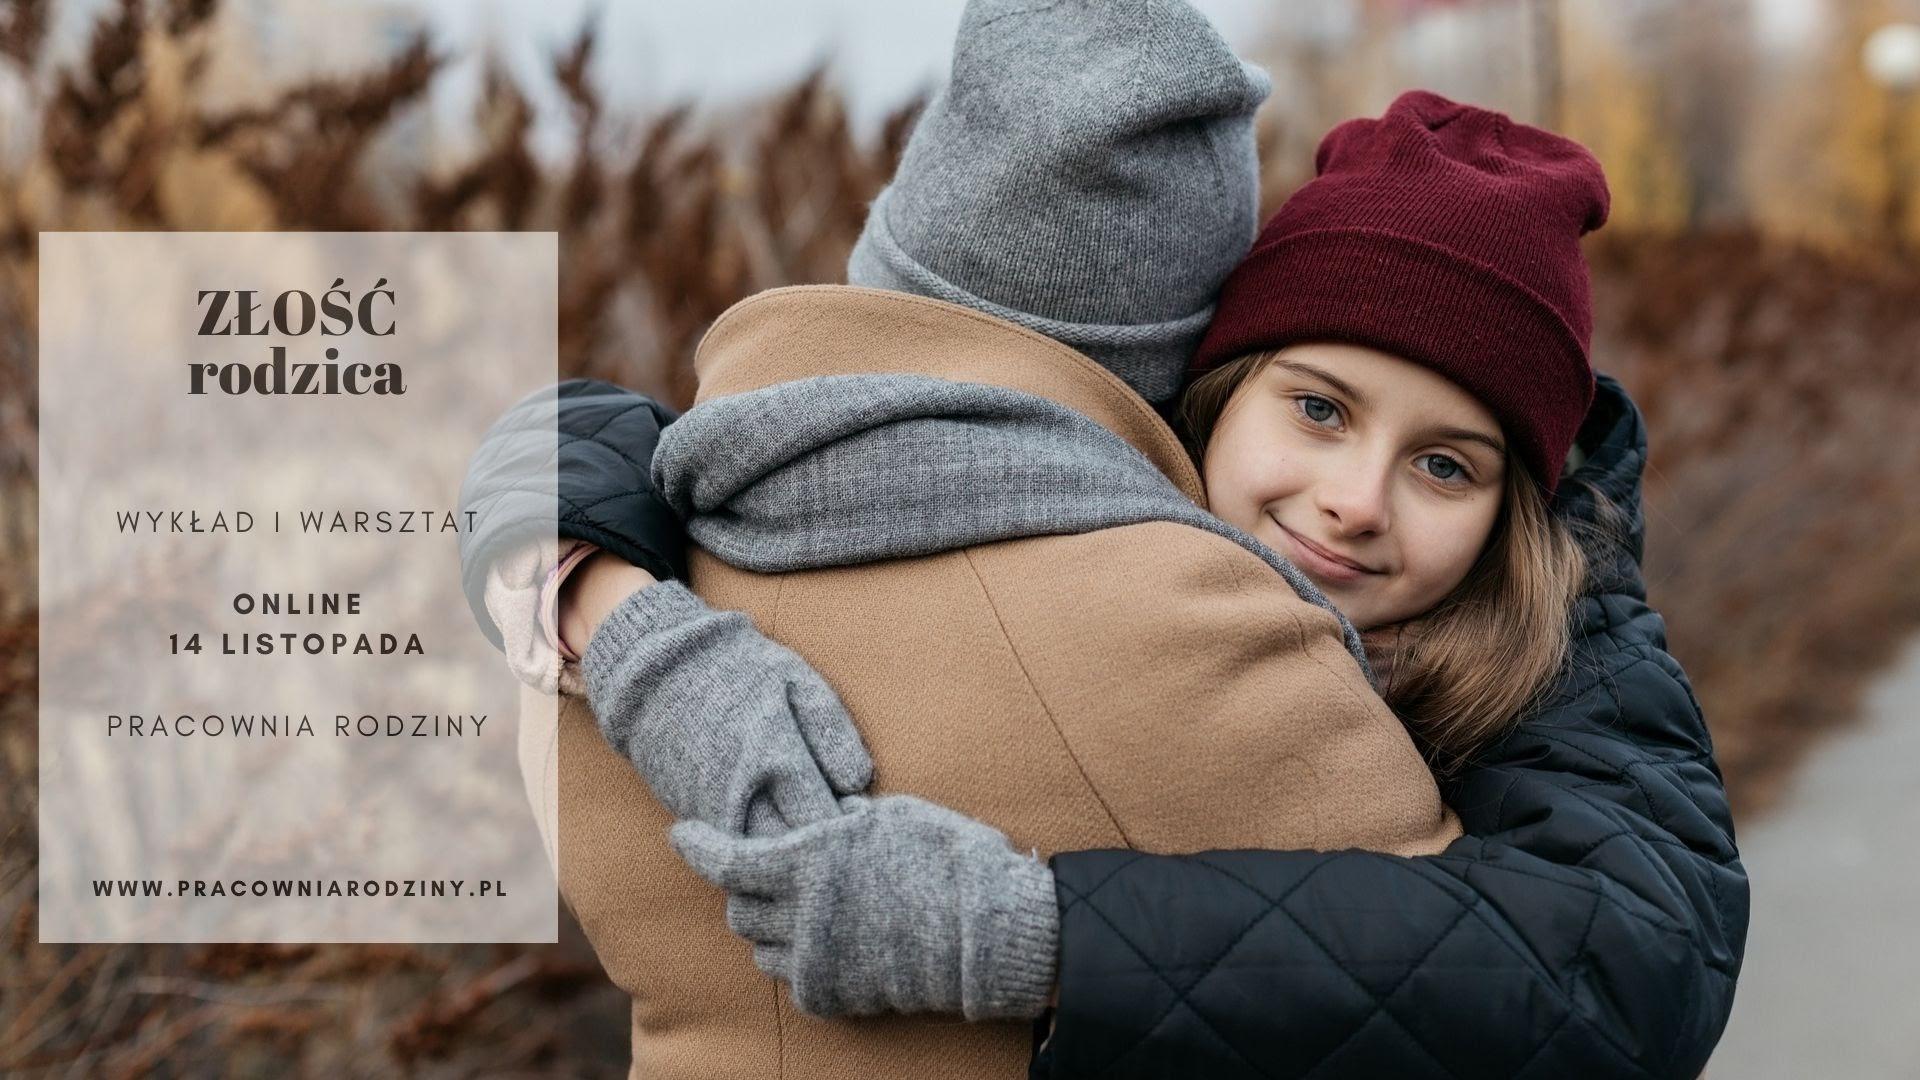 Złość rodzica. Jak poradzić sobie z własną złością w relacji z dzieckiem – wykład i warsztat online